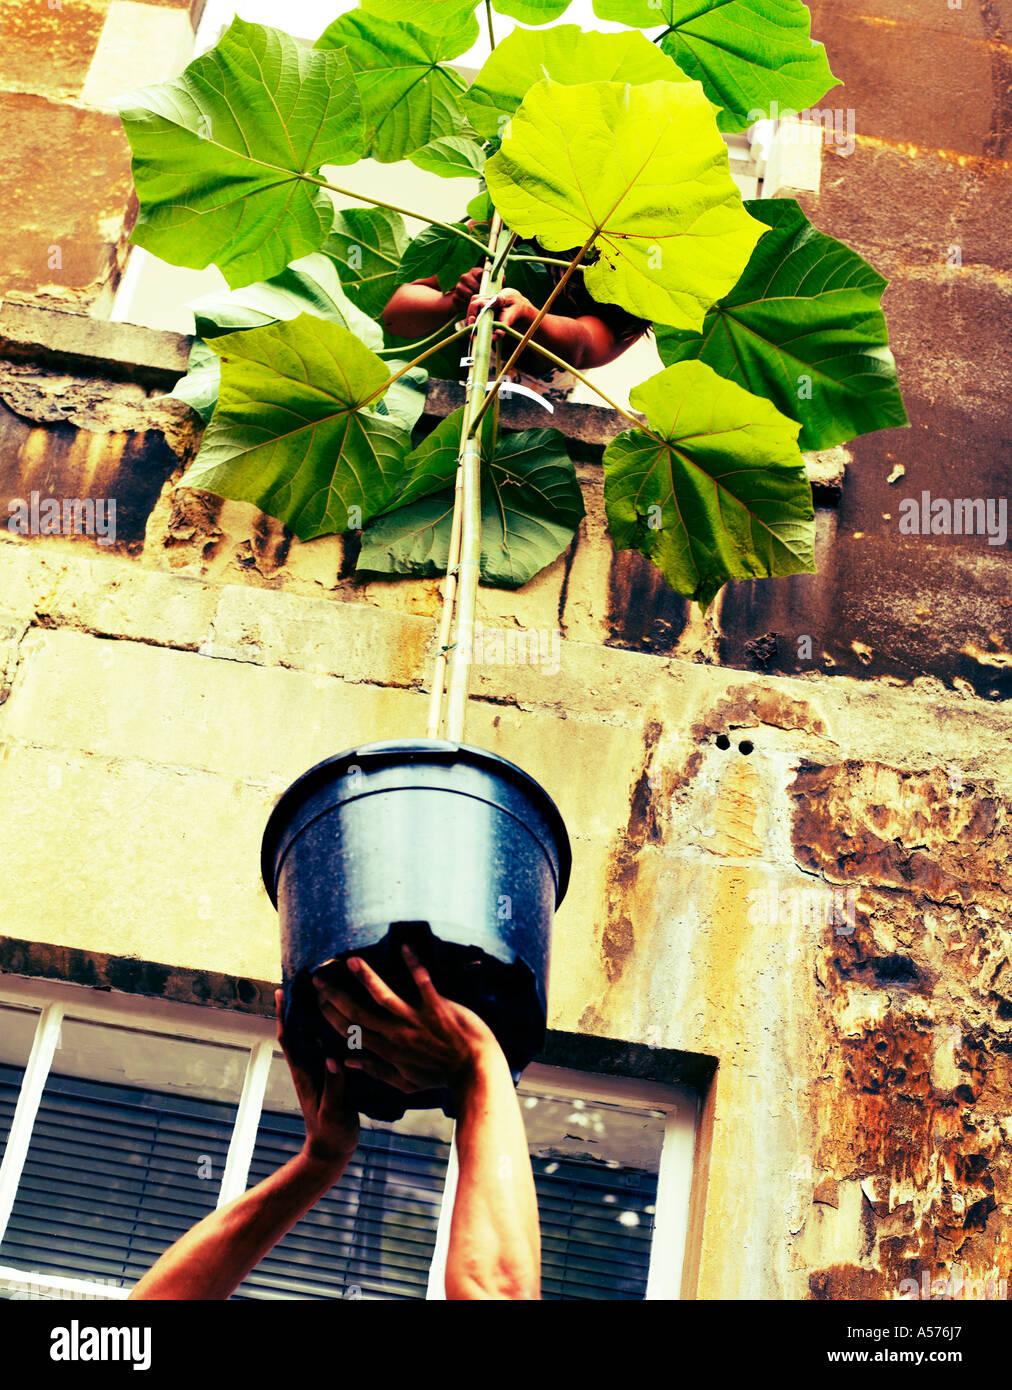 Par pasar una planta fuera de una ventana. Imagen De Stock